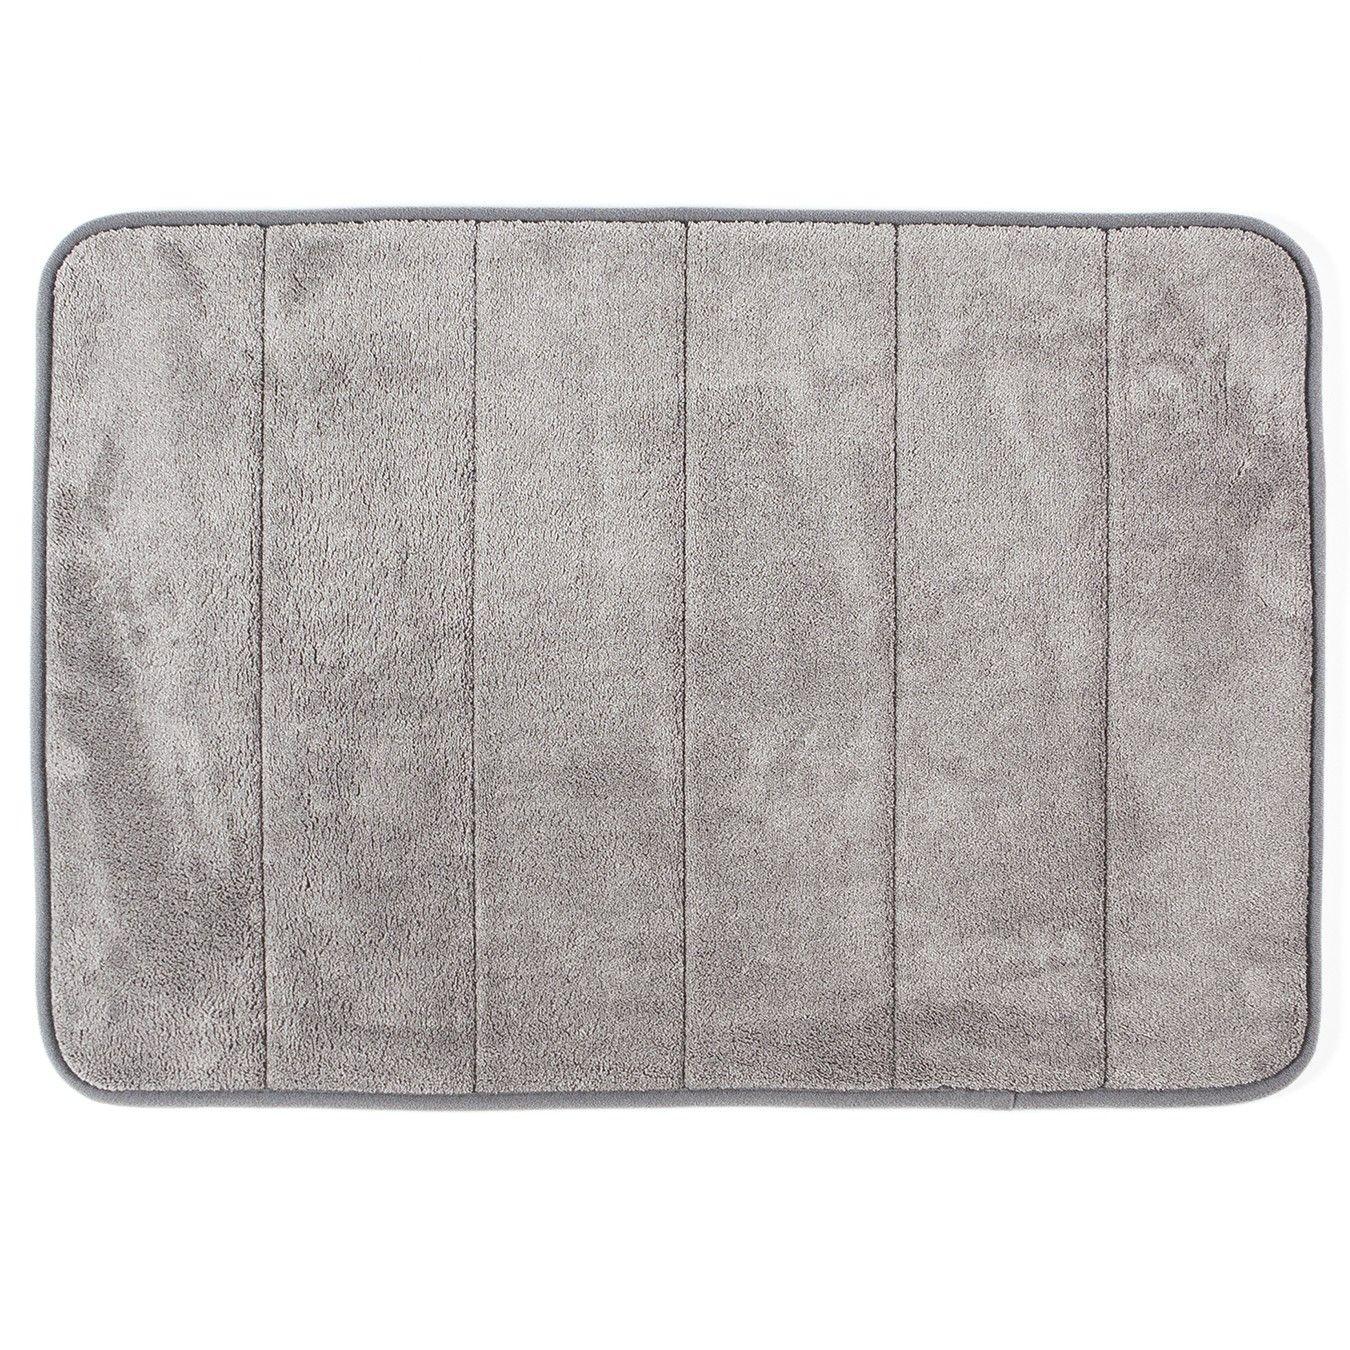 Philip Memory Foam Bathmat 43x61cm Grey Bath Mat Memory Foam